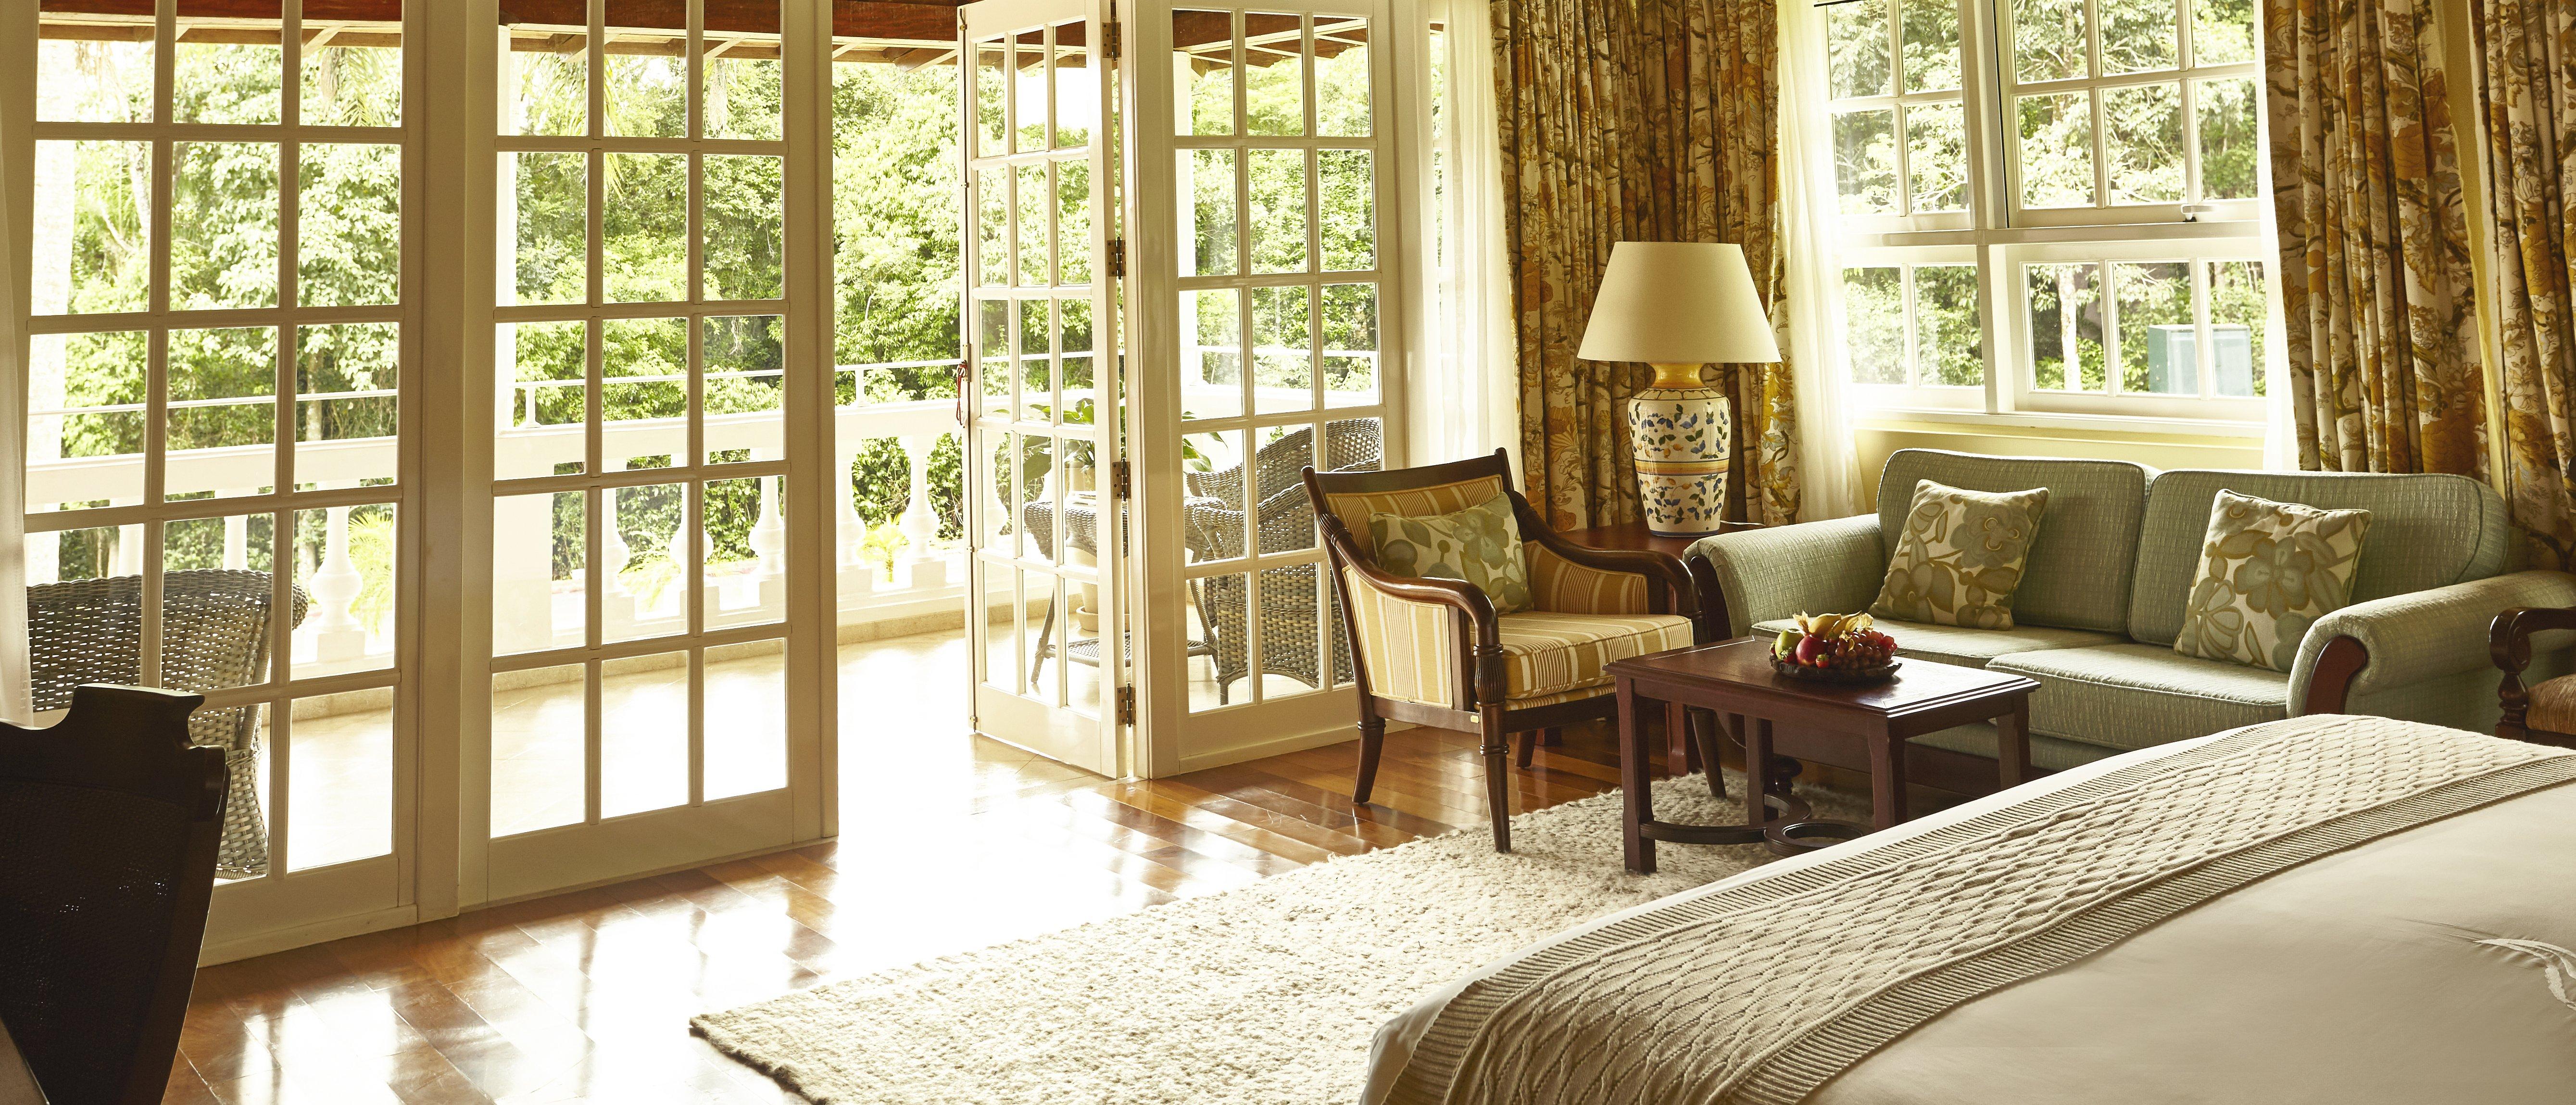 belmond-hotel-das-cataratas-suite